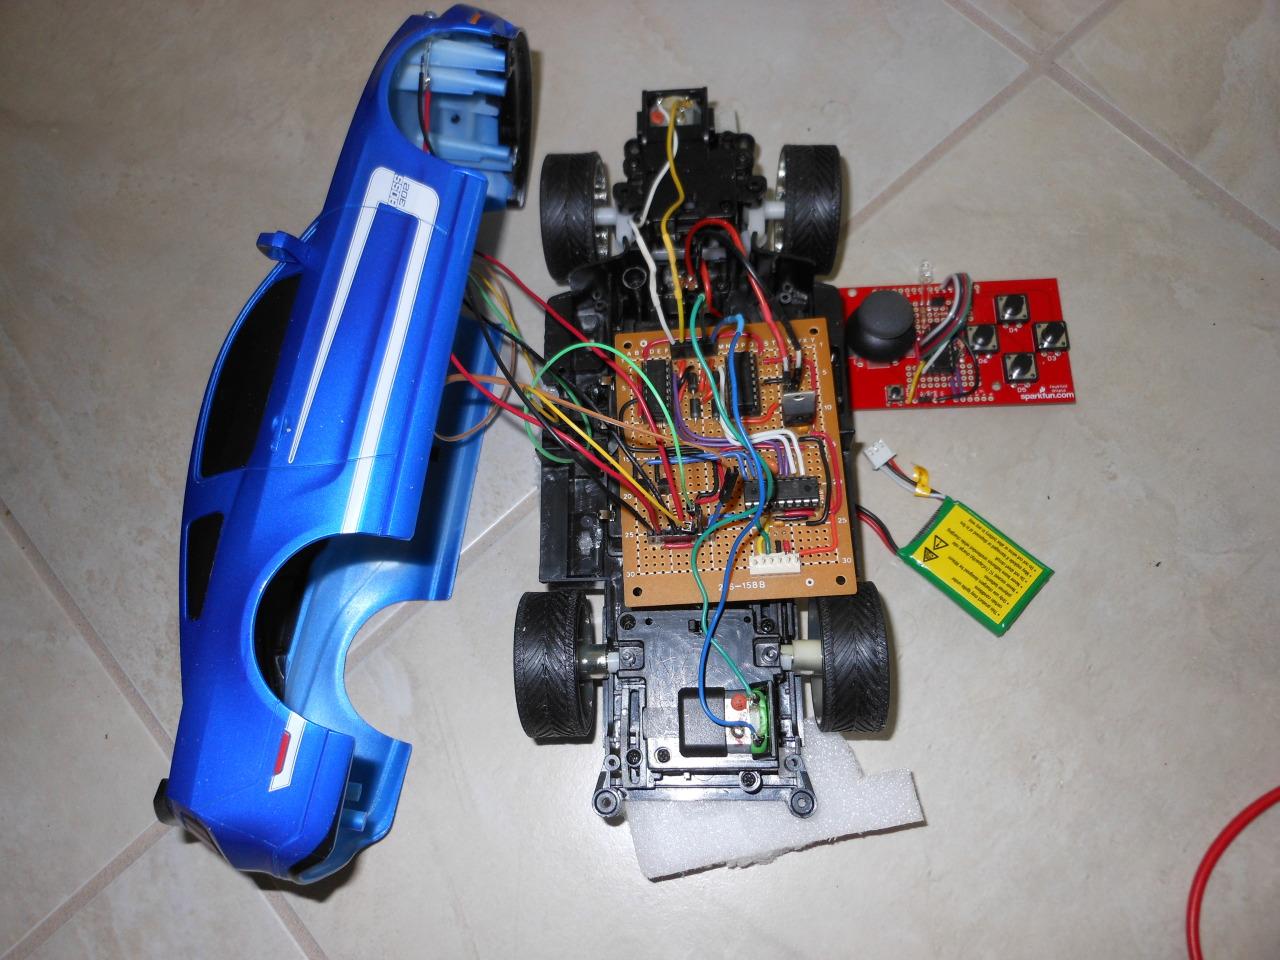 Ir Toy Car Dspic